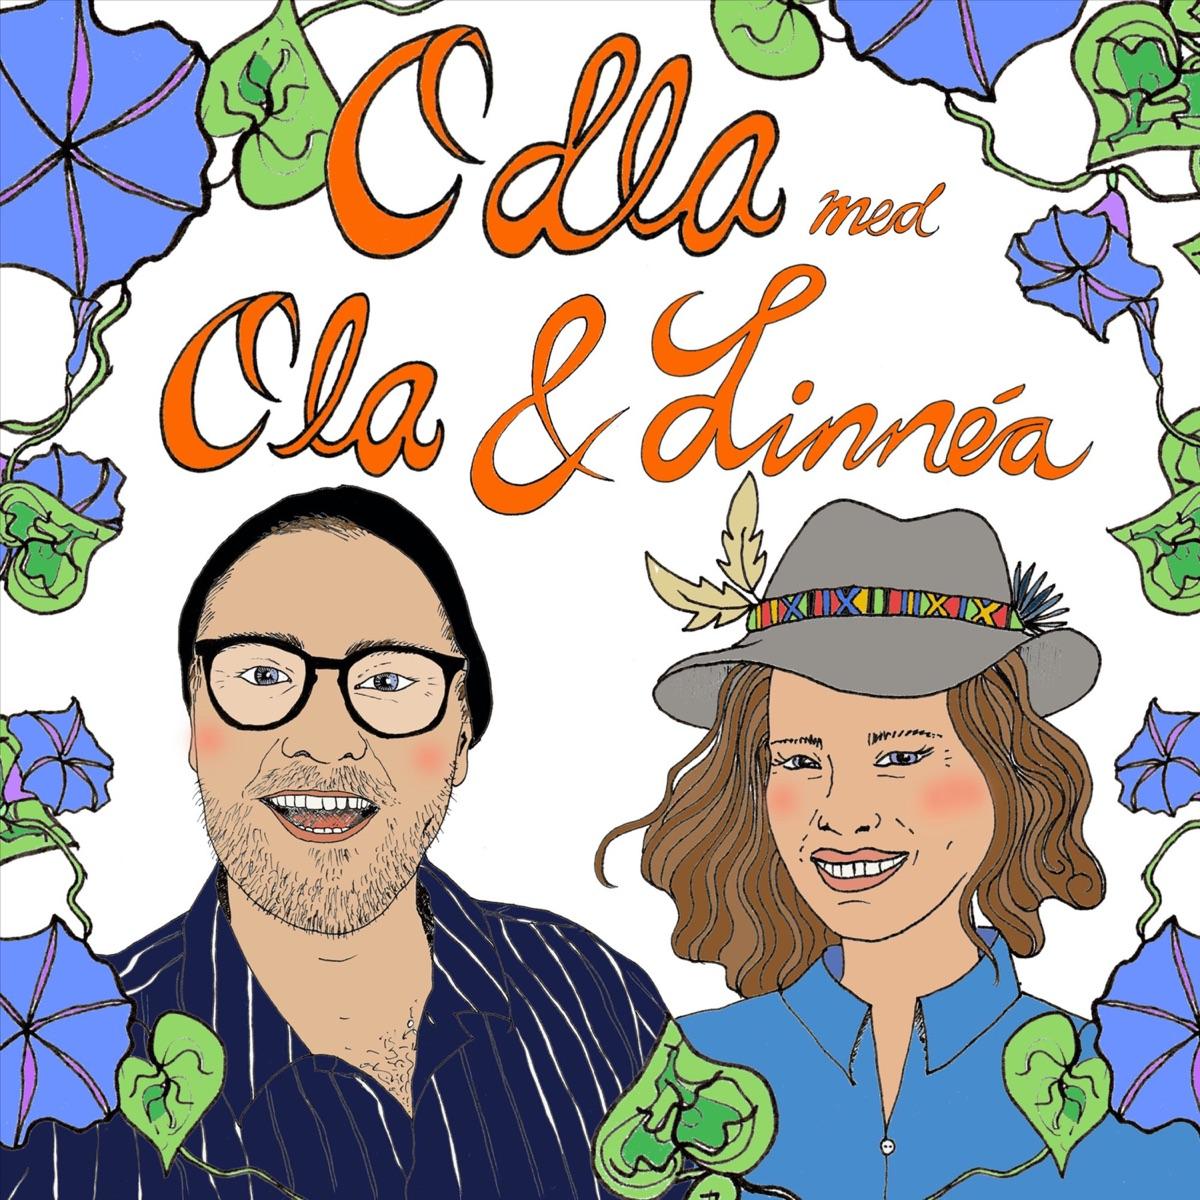 Odla med Ola & Linnéa